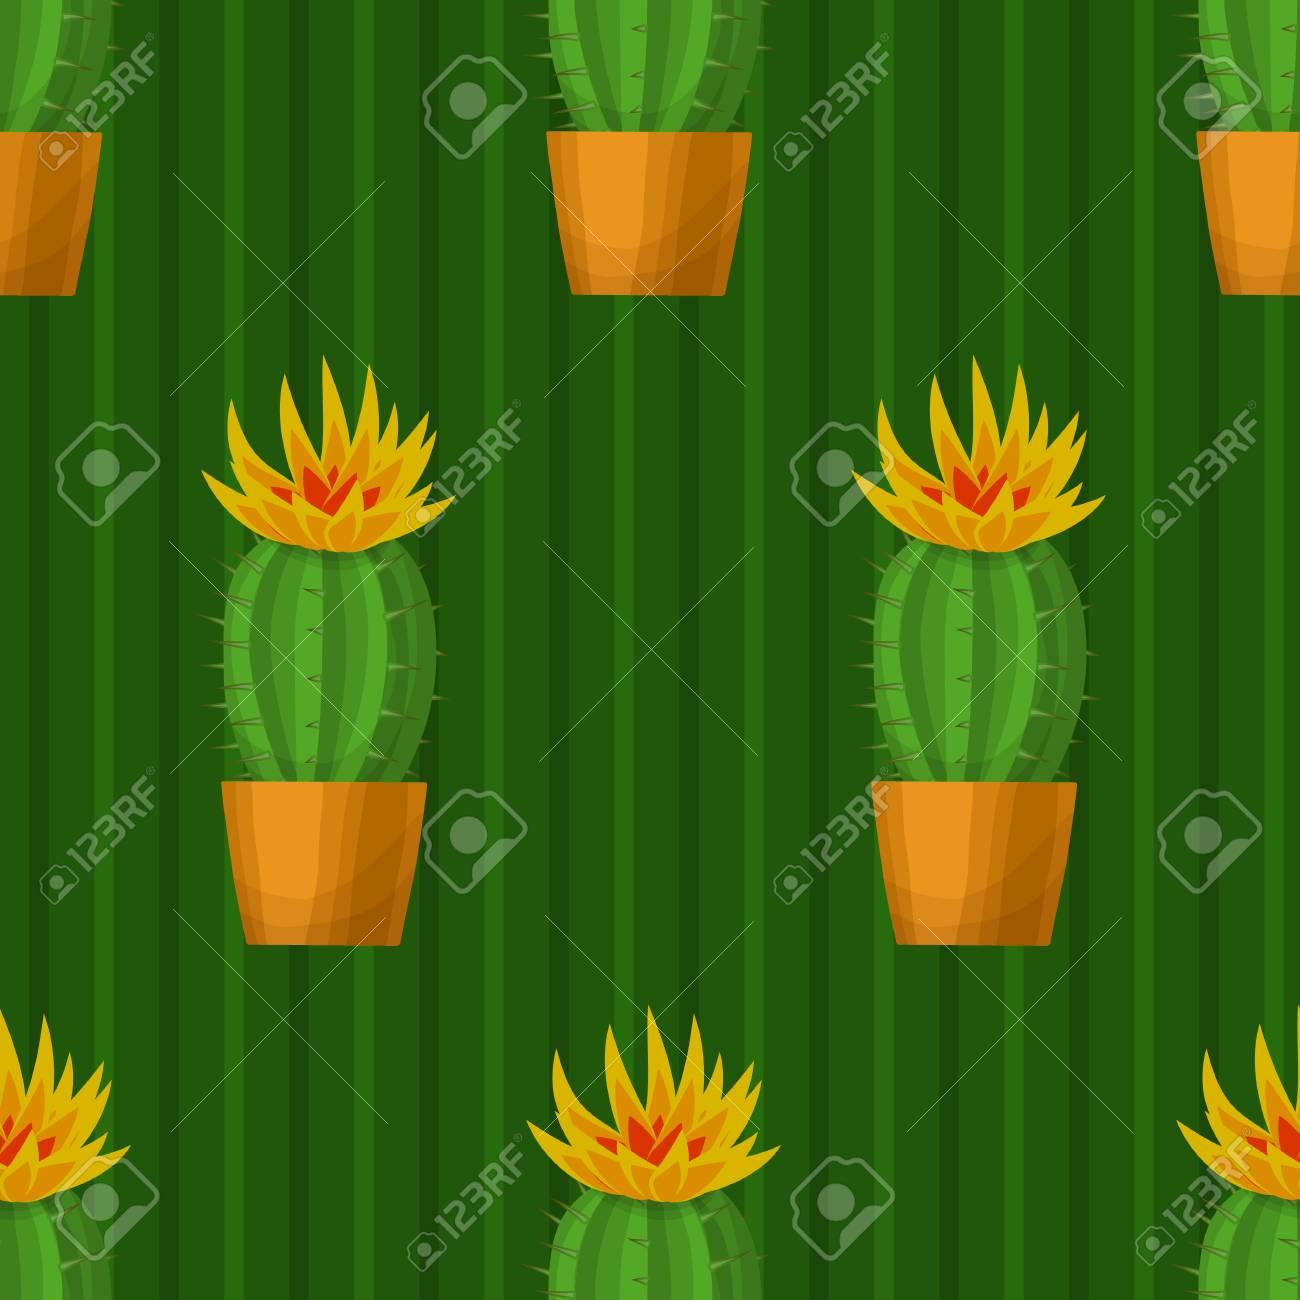 Modèle Sans Couture Avec Cactus Illustration Vectorielle De Papier